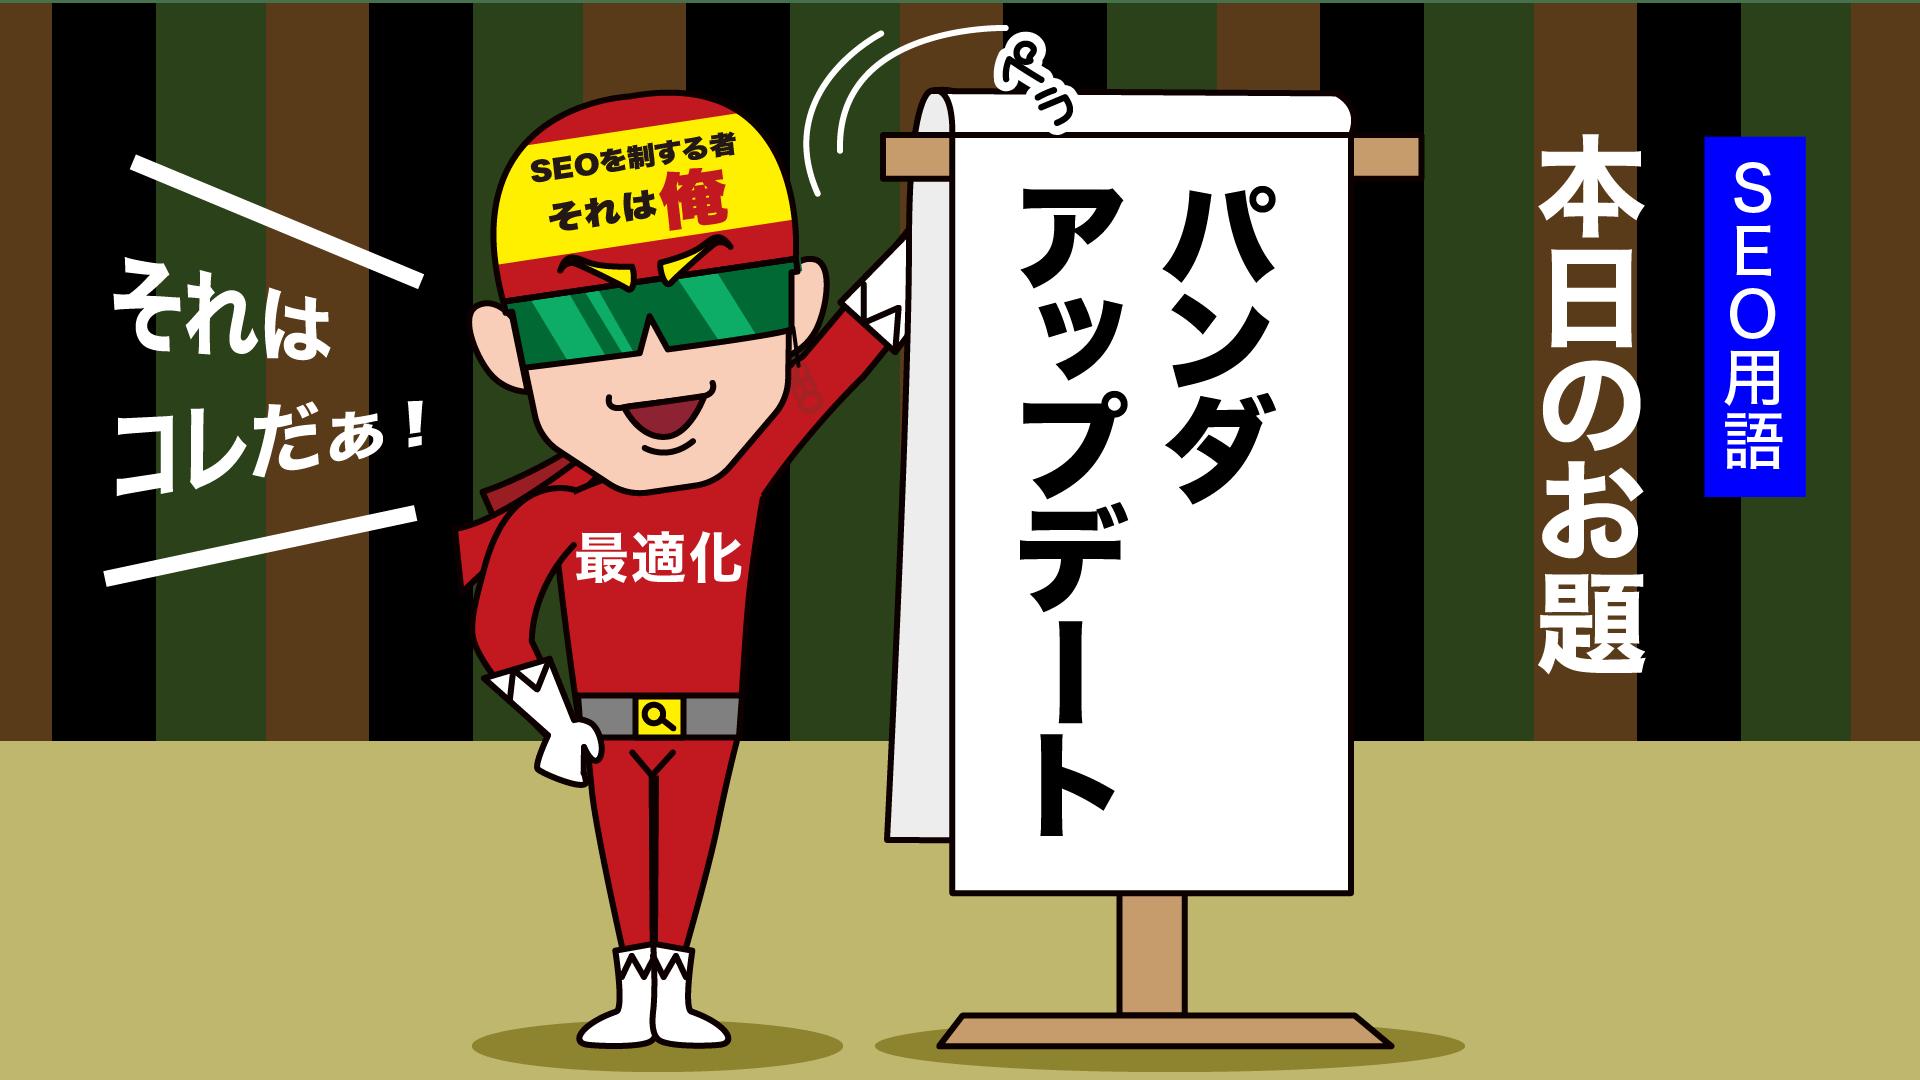 パンダアップデート-SEO用語集漫画②